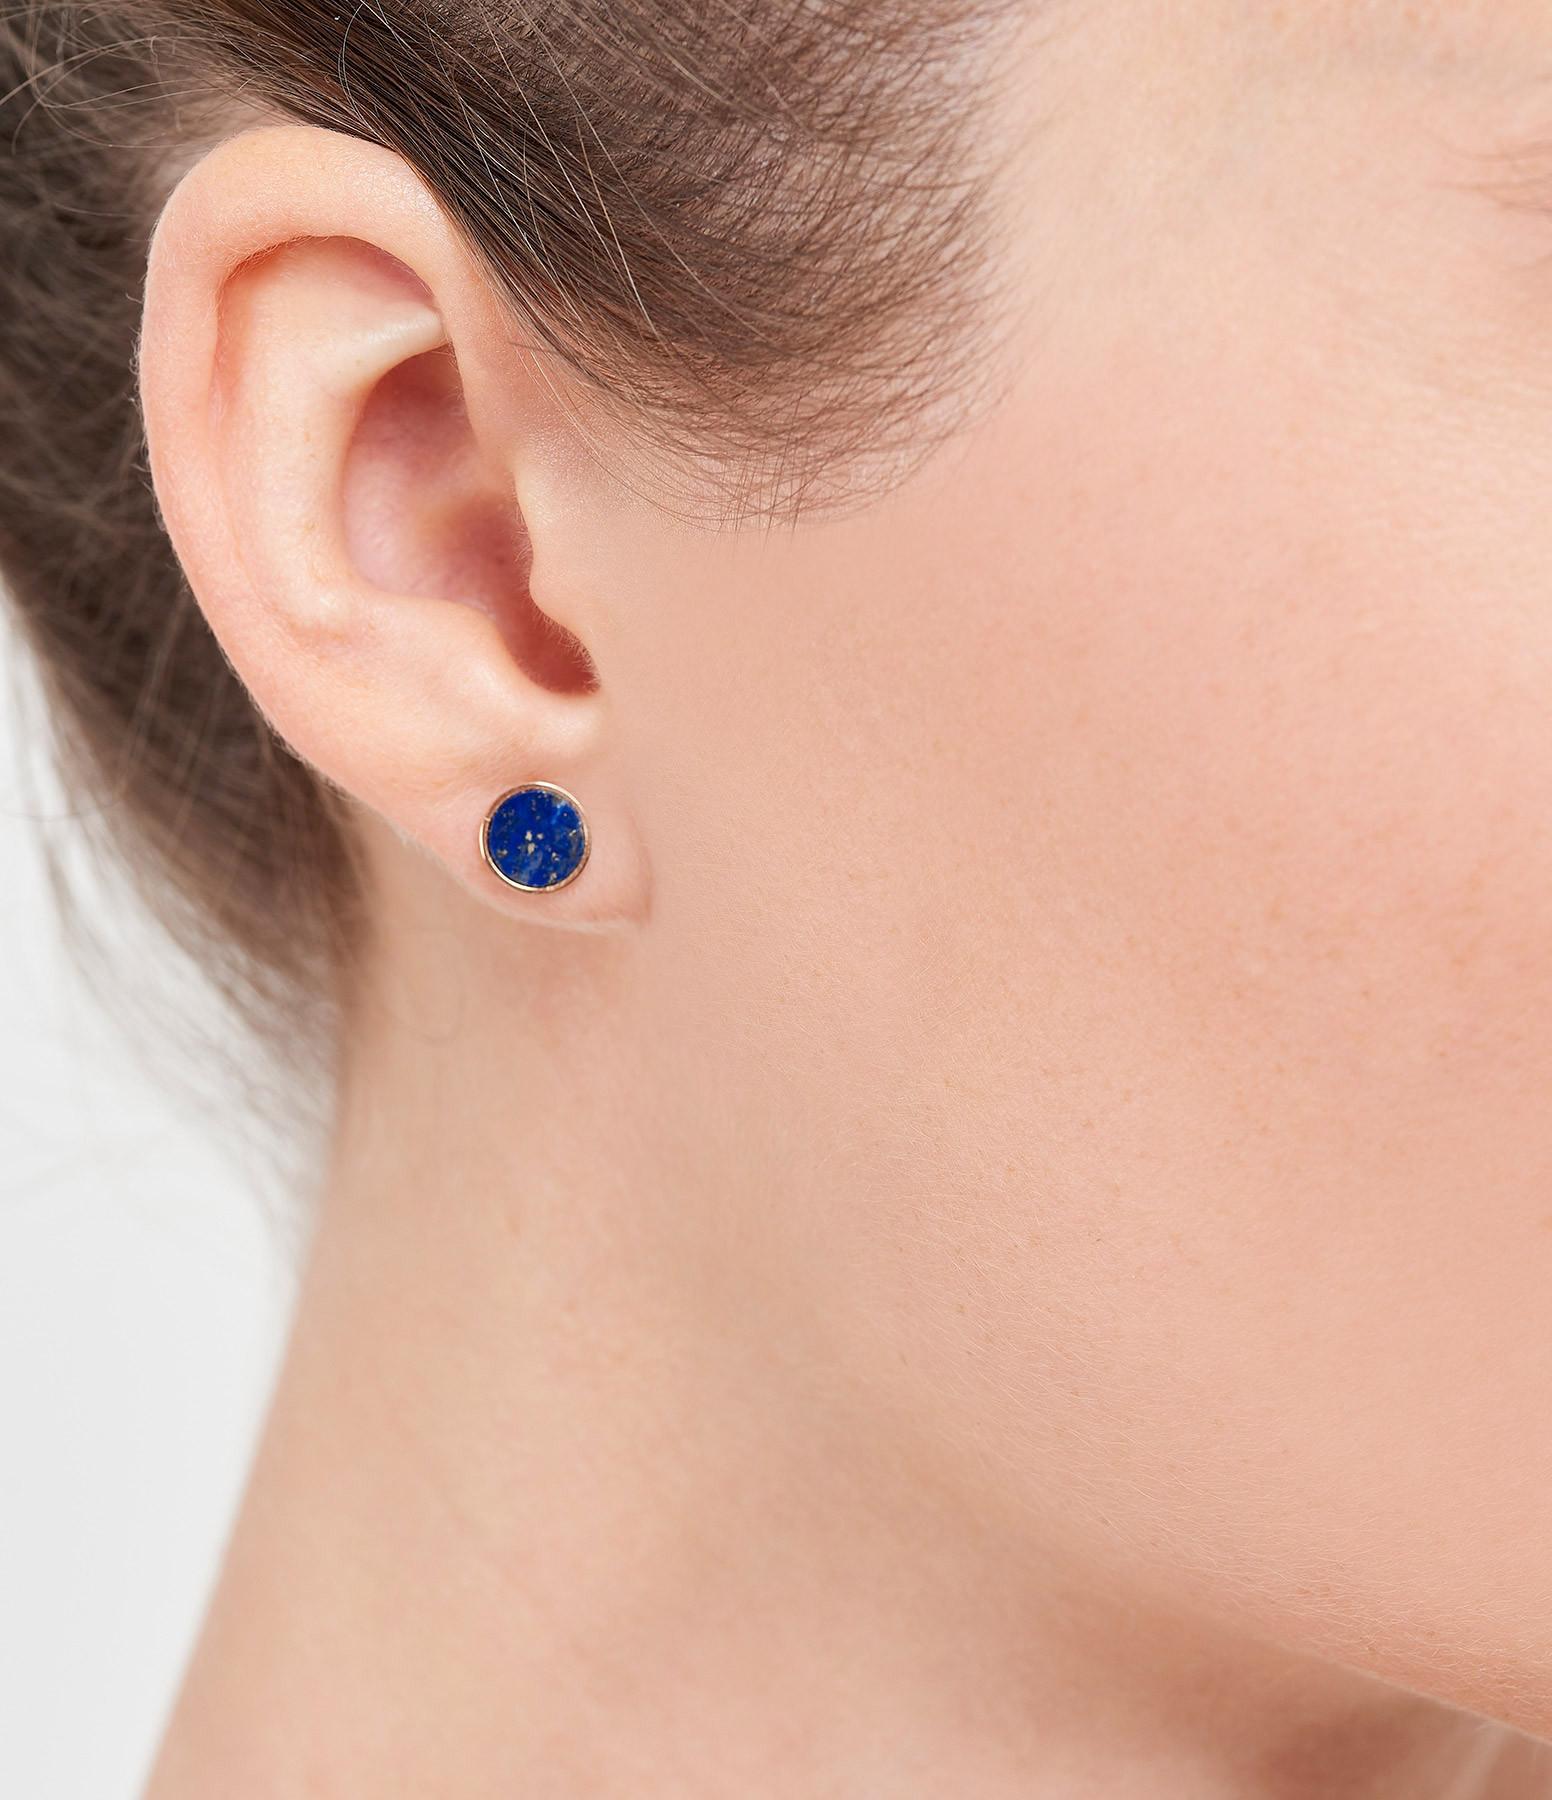 GINETTE NY - Boucle d'oreille Ever Disc Or Rose Lapis Lazuli (vendue à l'unité)